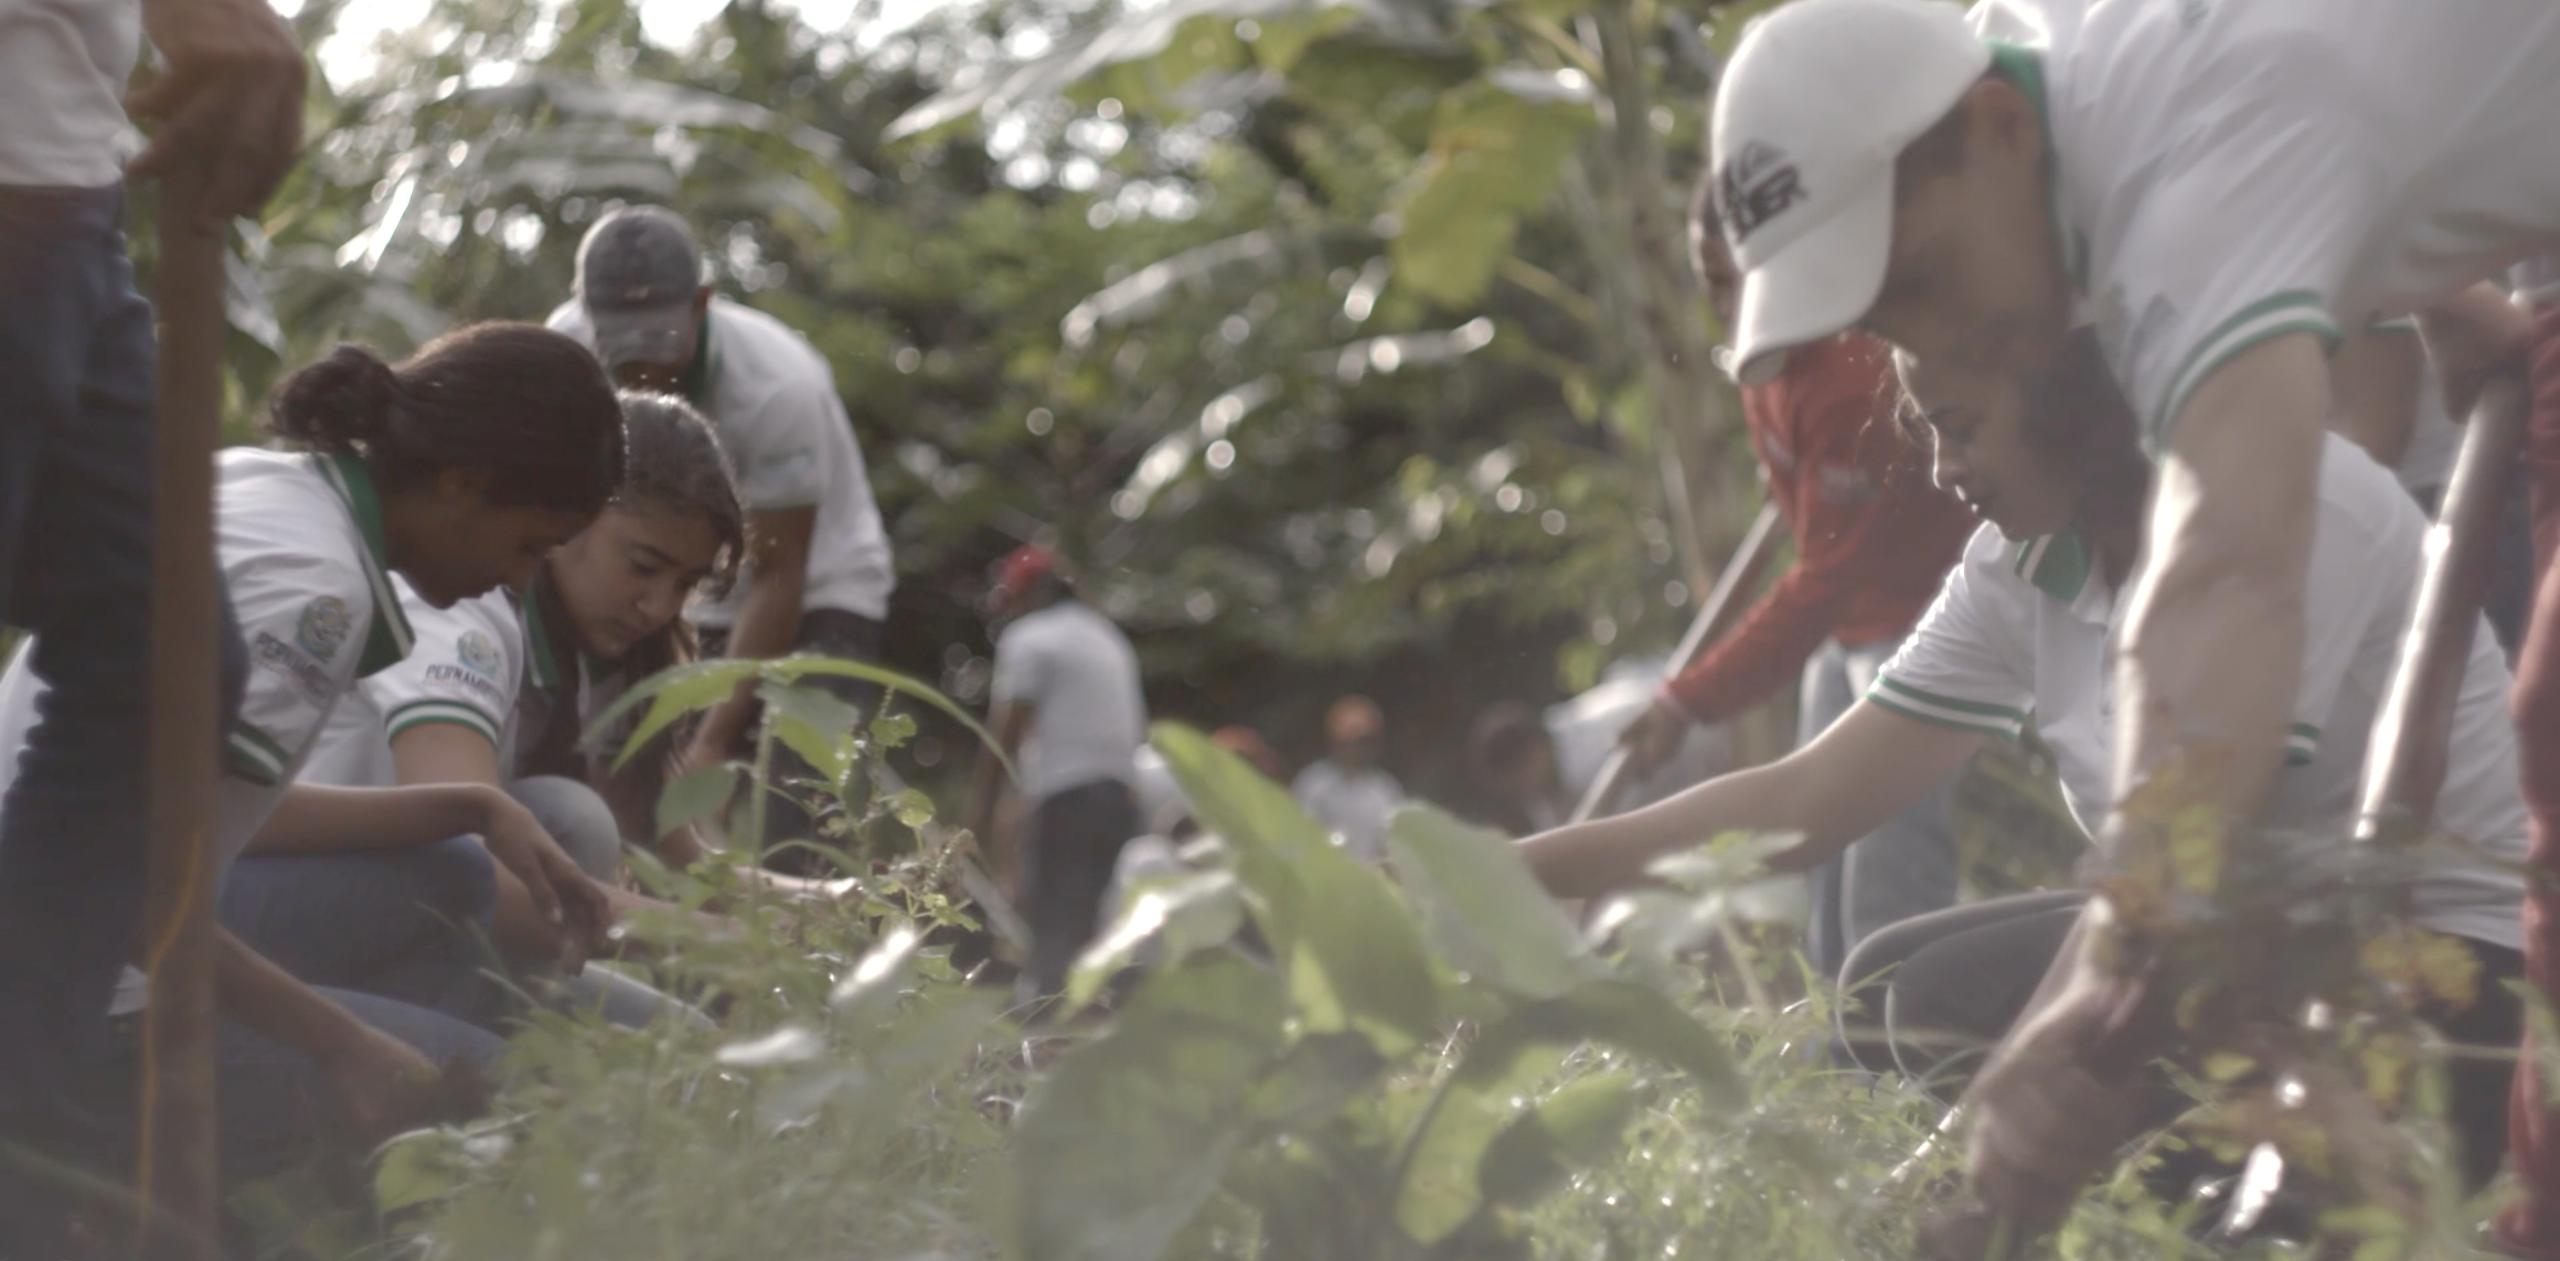 Na imagem, alunos da escola SERTA trabalham juntos em uma plantação